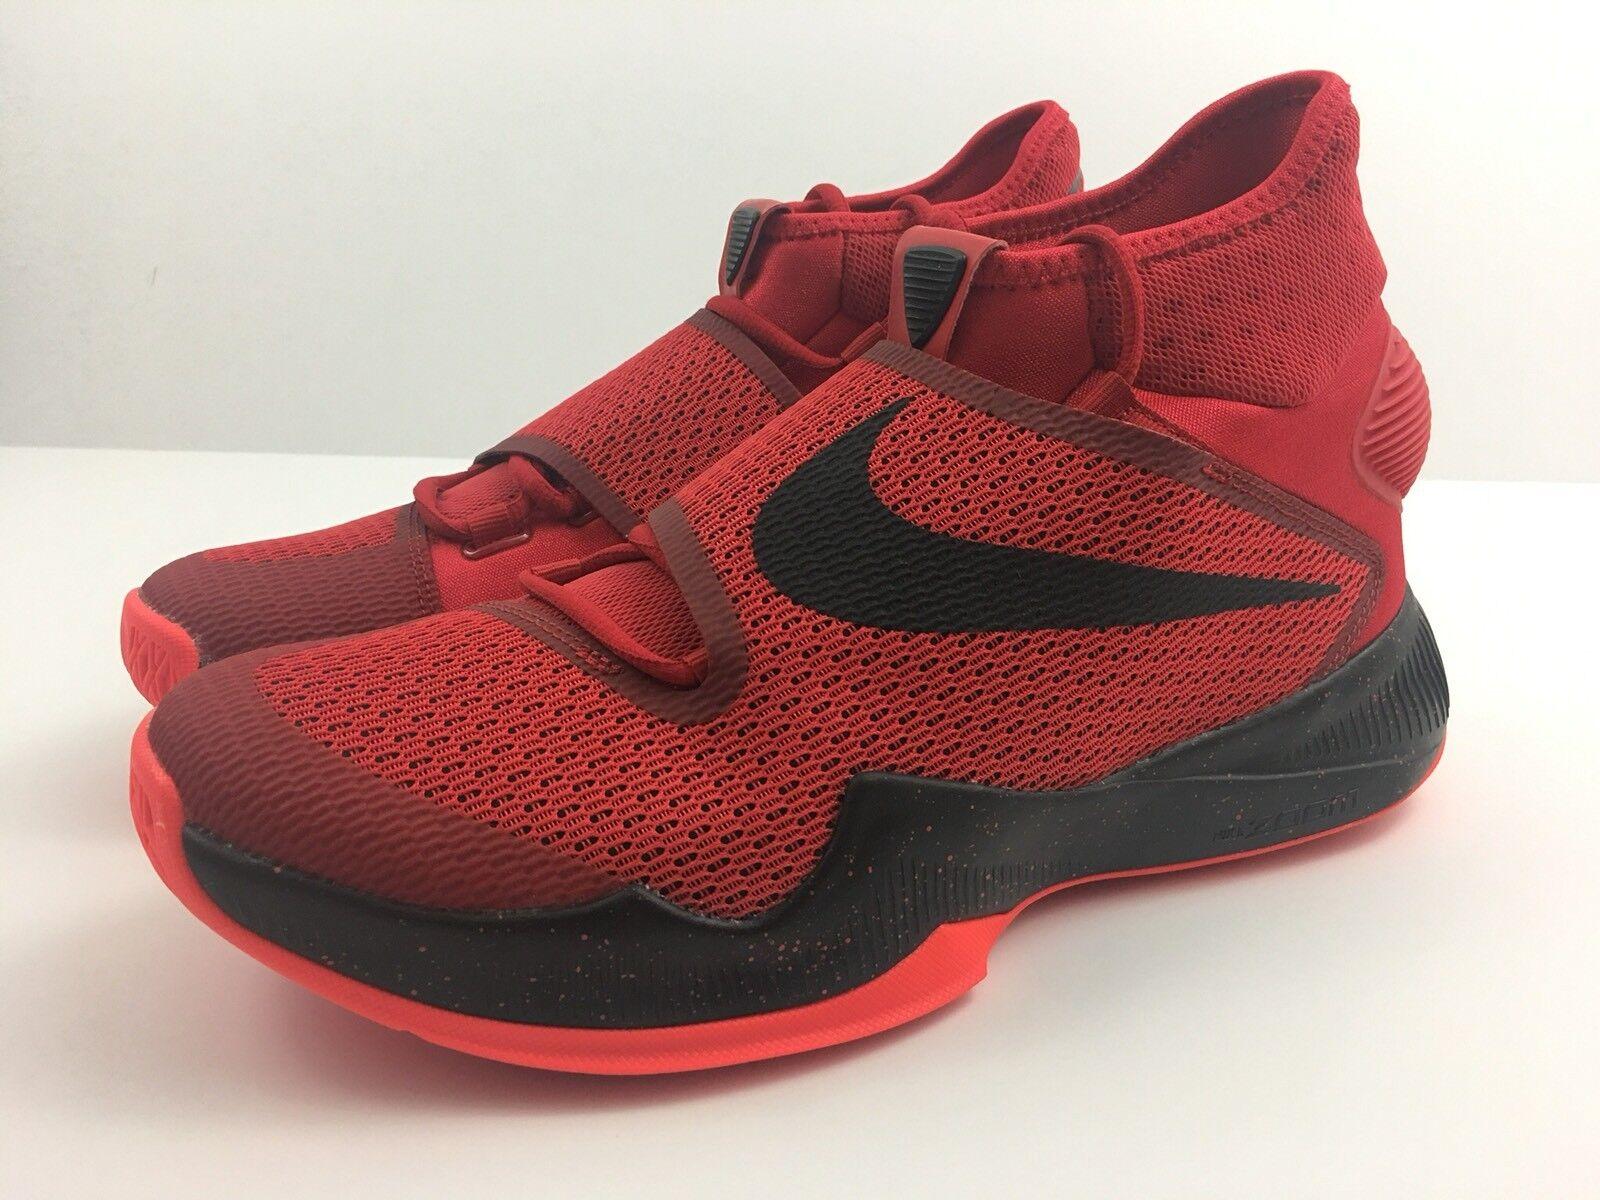 Nike Men's ZOOM HYPERREV 2018 University Red Bright Crimson Size 10.5